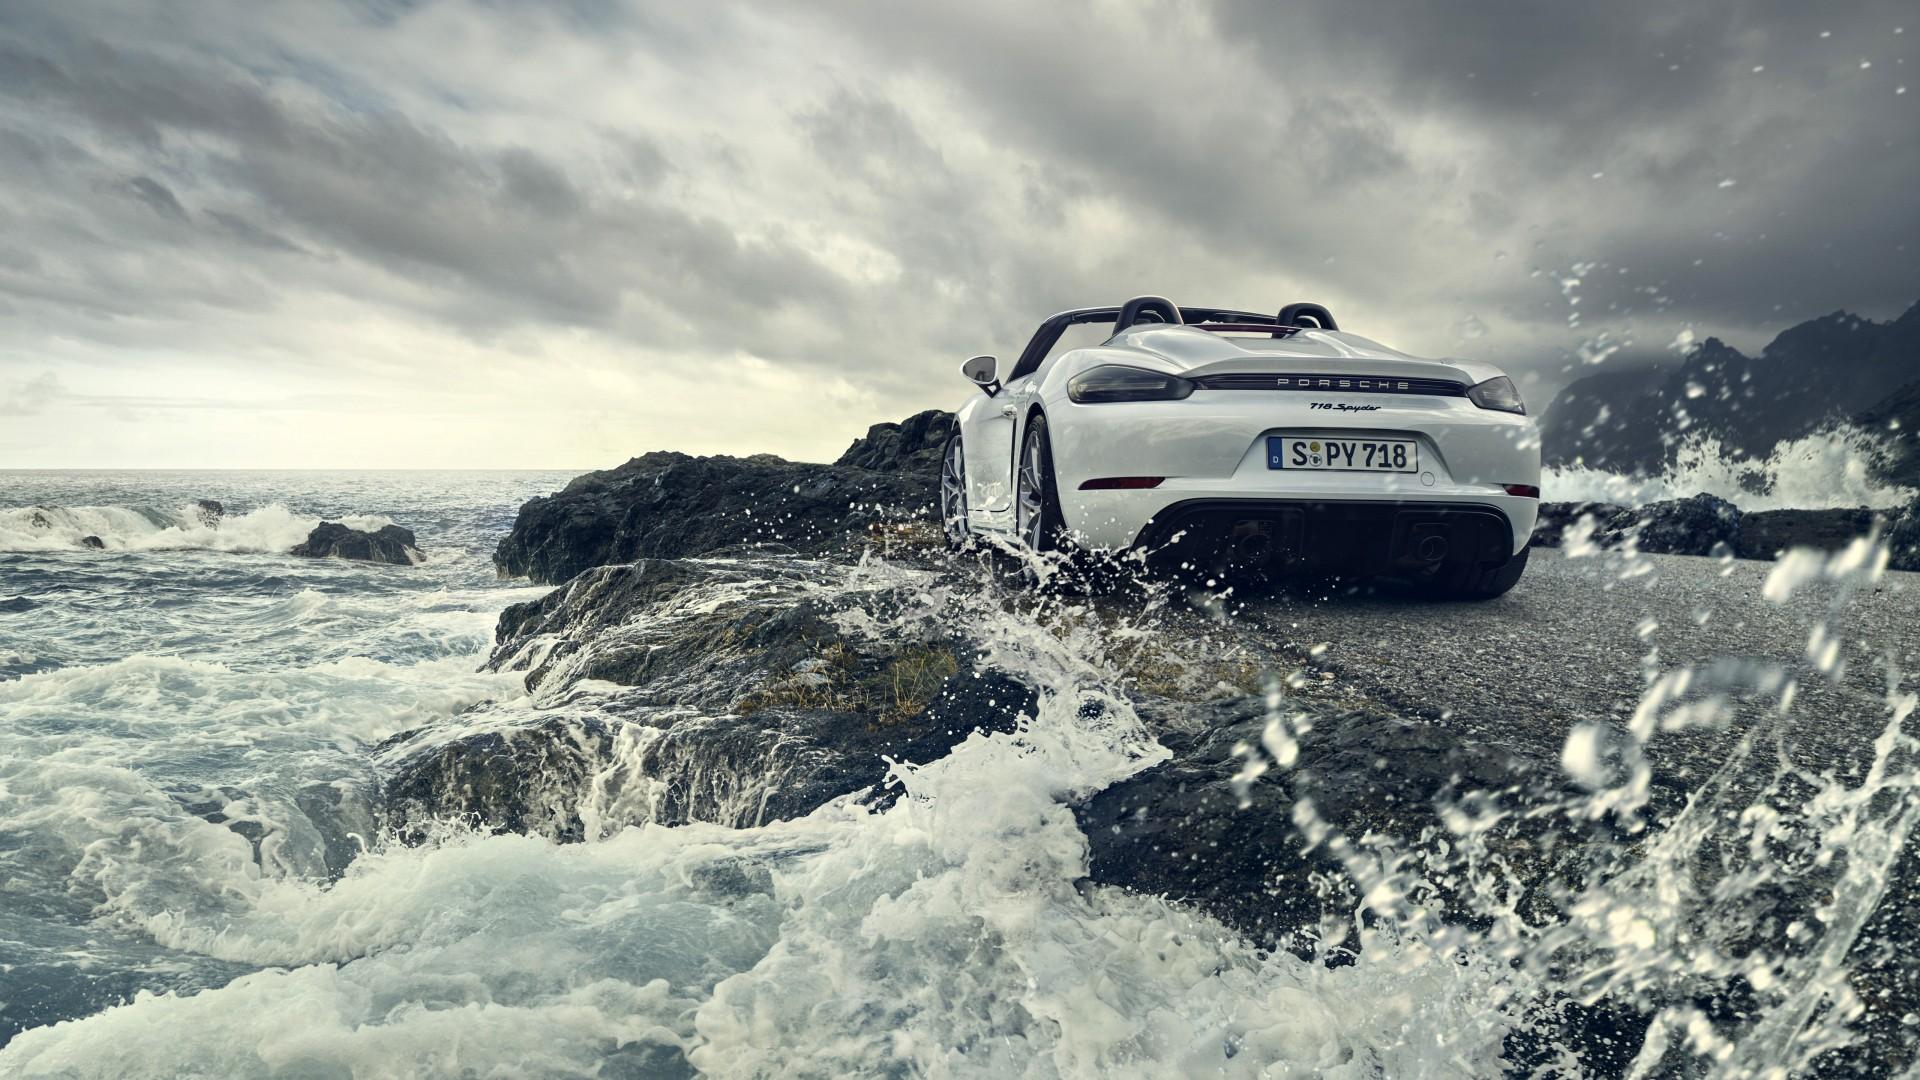 Porsche 718 Spyder 2019 4K 2 Wallpaper | HD Car Wallpapers ...